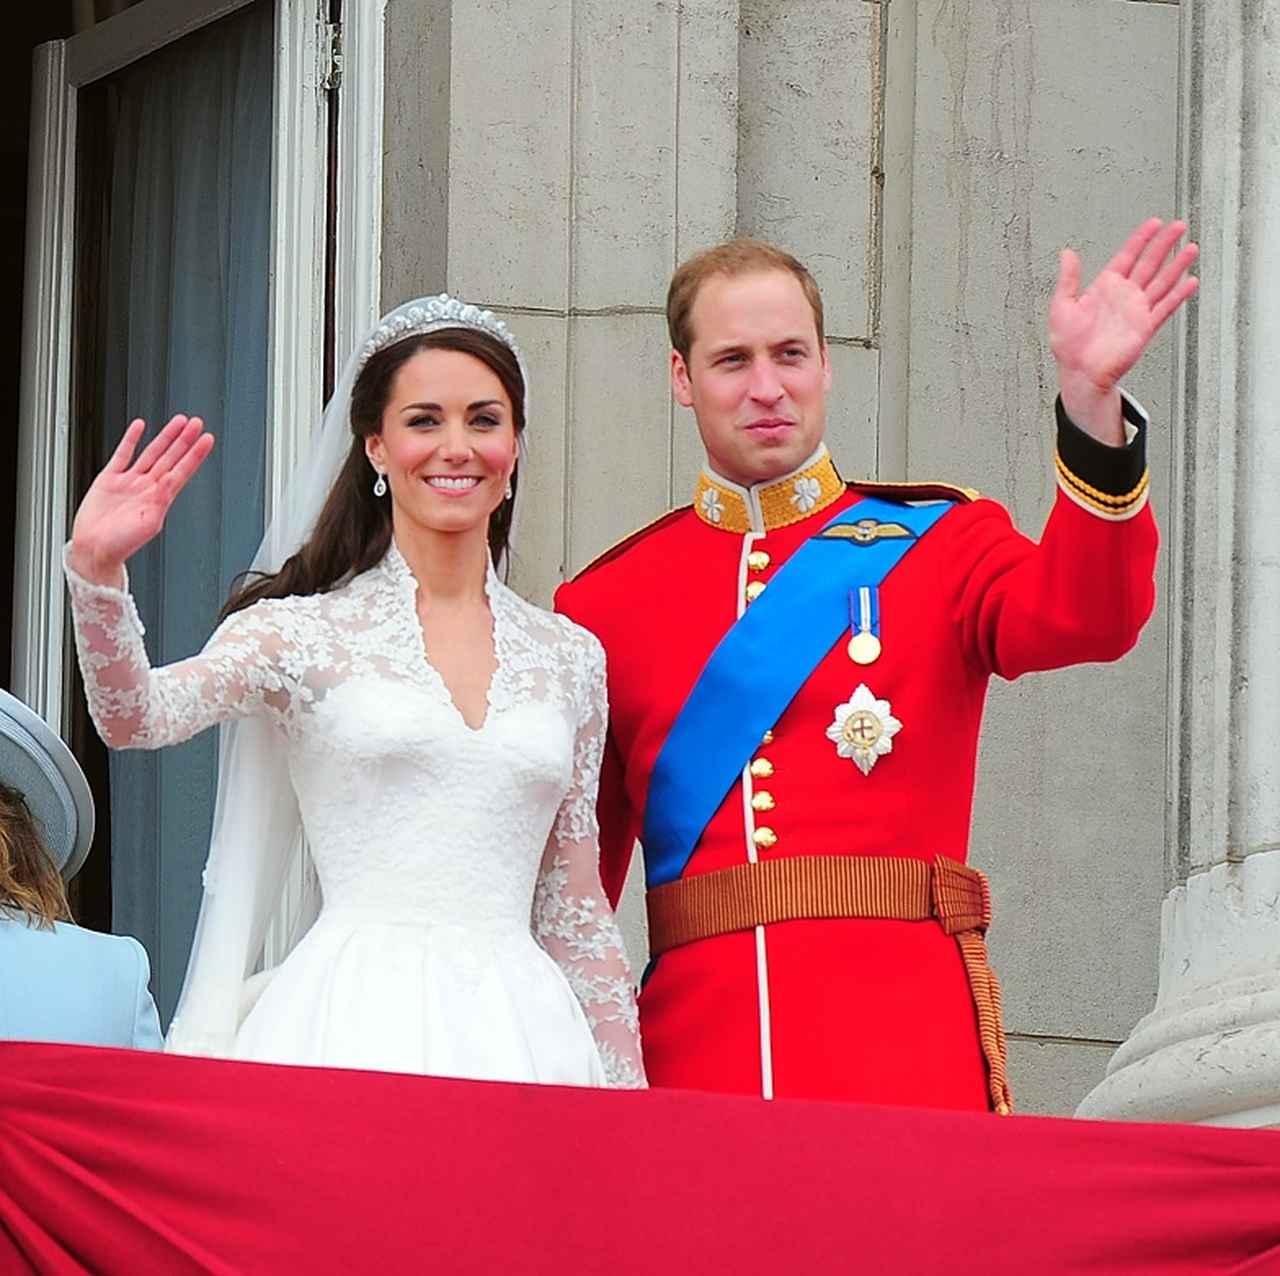 画像: 2011年に行われたキャサリン妃とウィリアム王子のロイヤル・ウェディング。